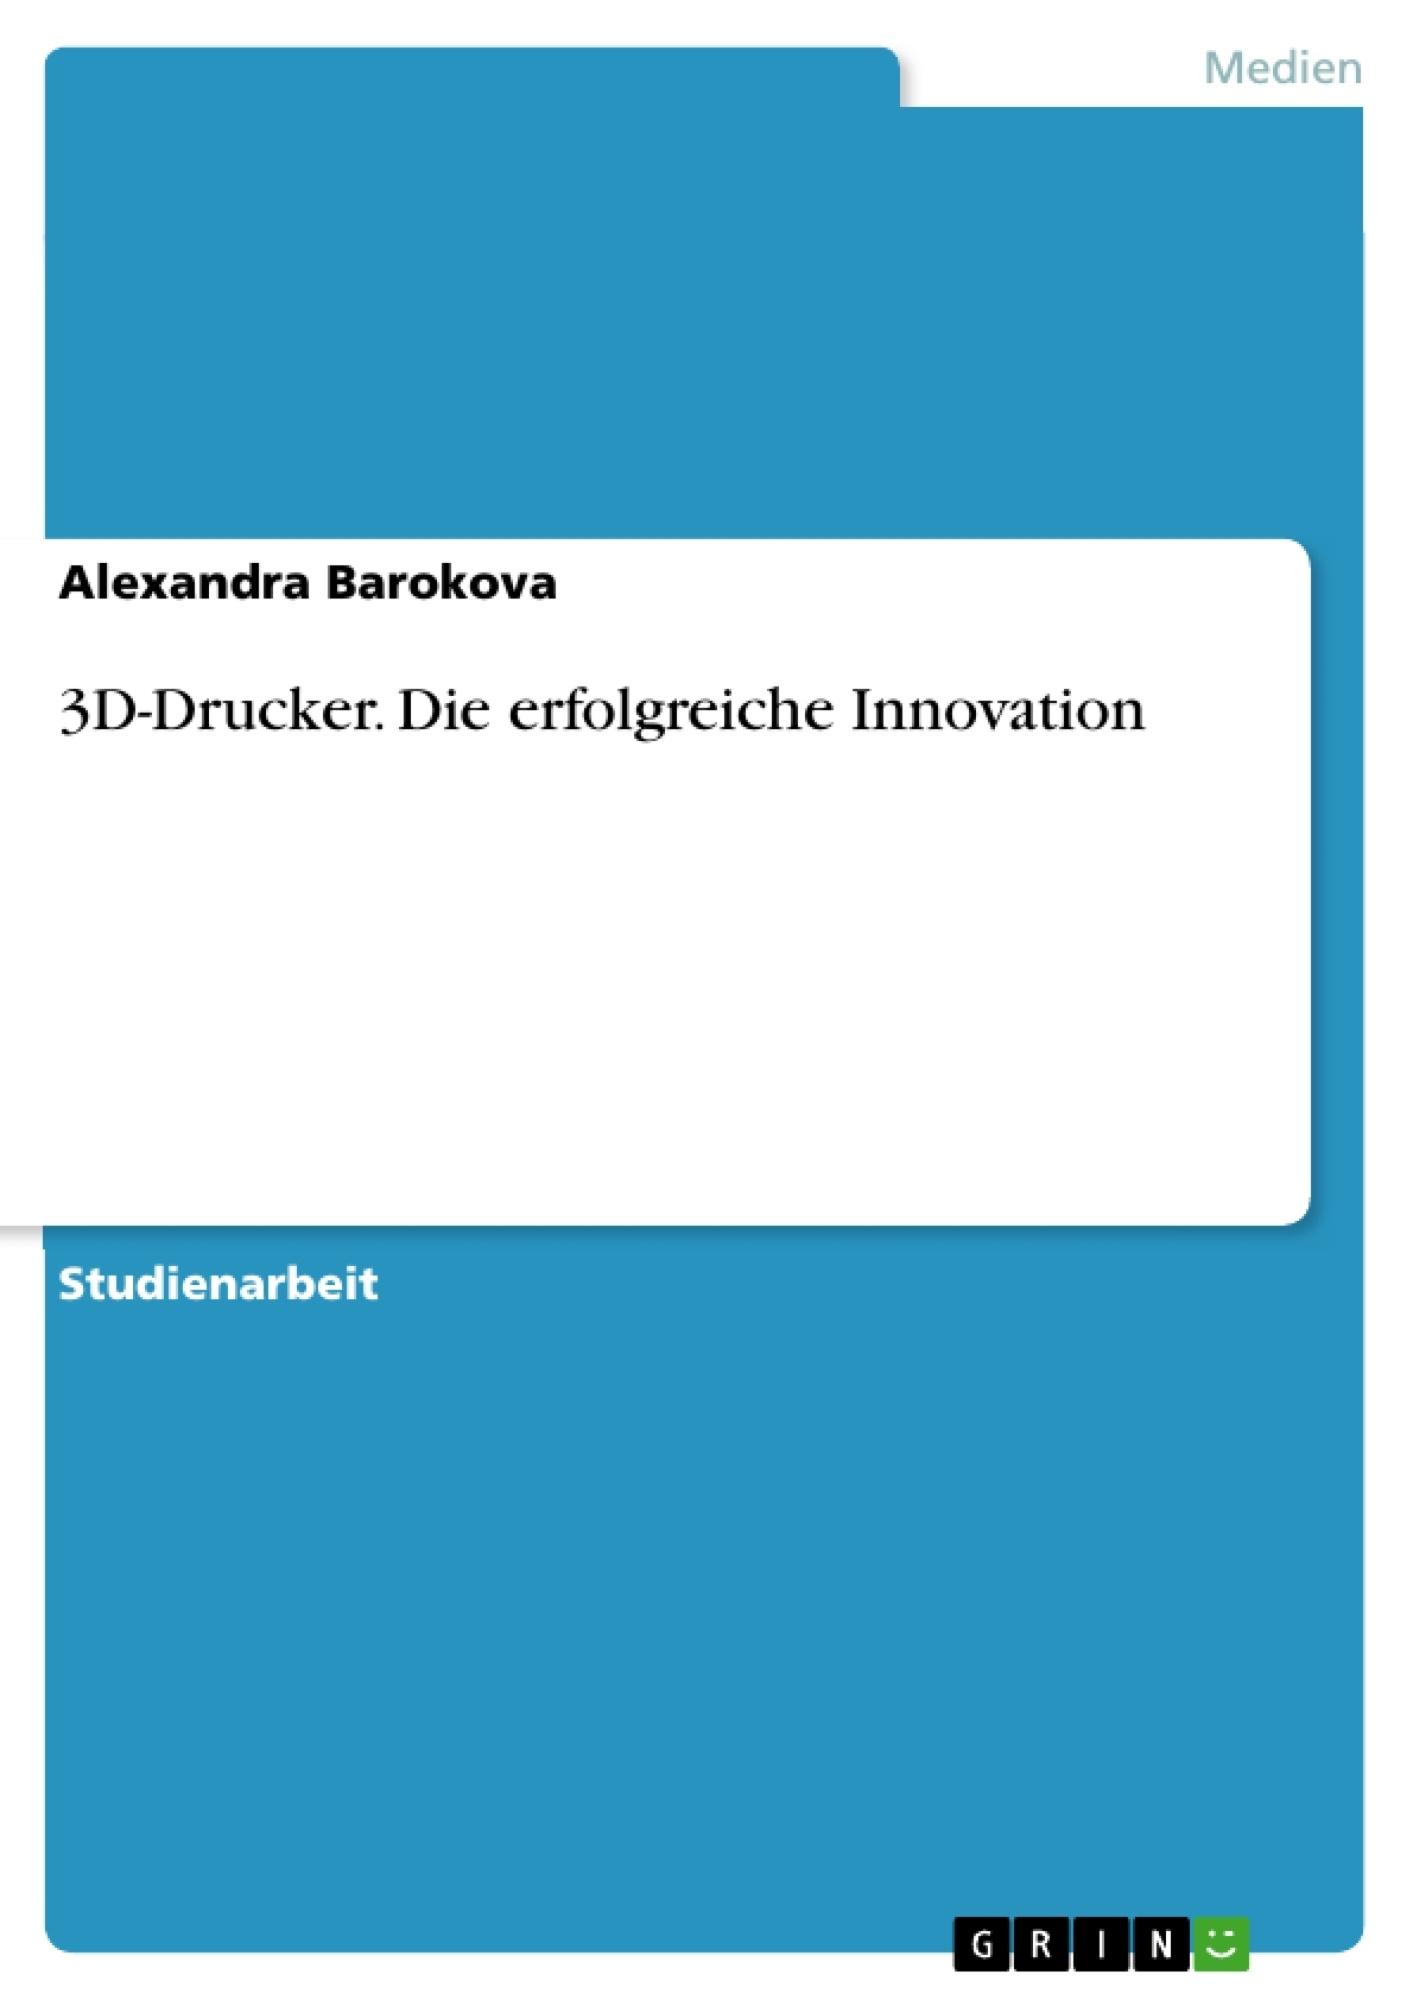 Titel: 3D-Drucker. Die erfolgreiche Innovation